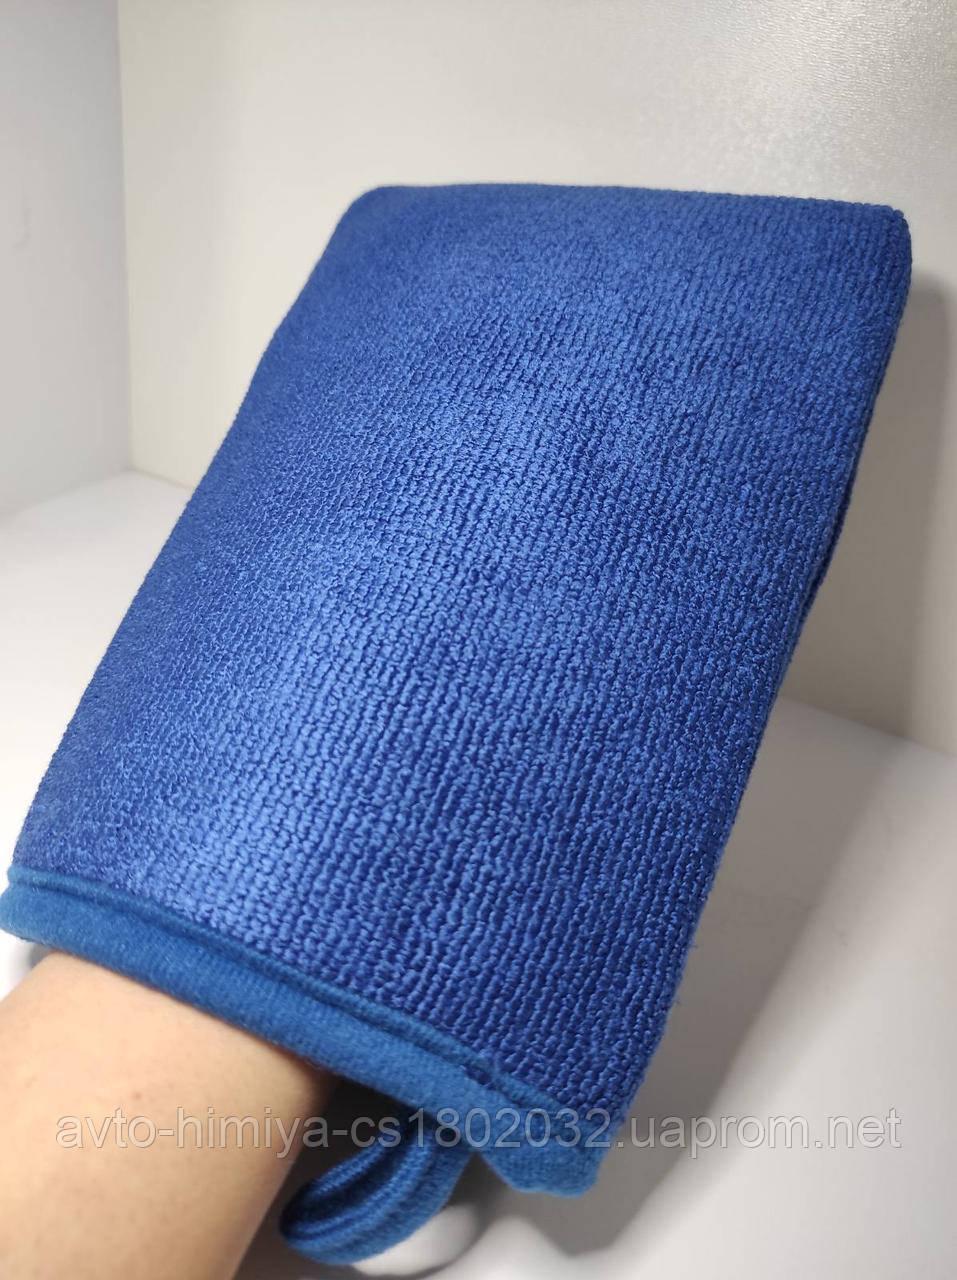 Профисиональная рукавица - автоскраб  для очистки кузова 270 x 170мм